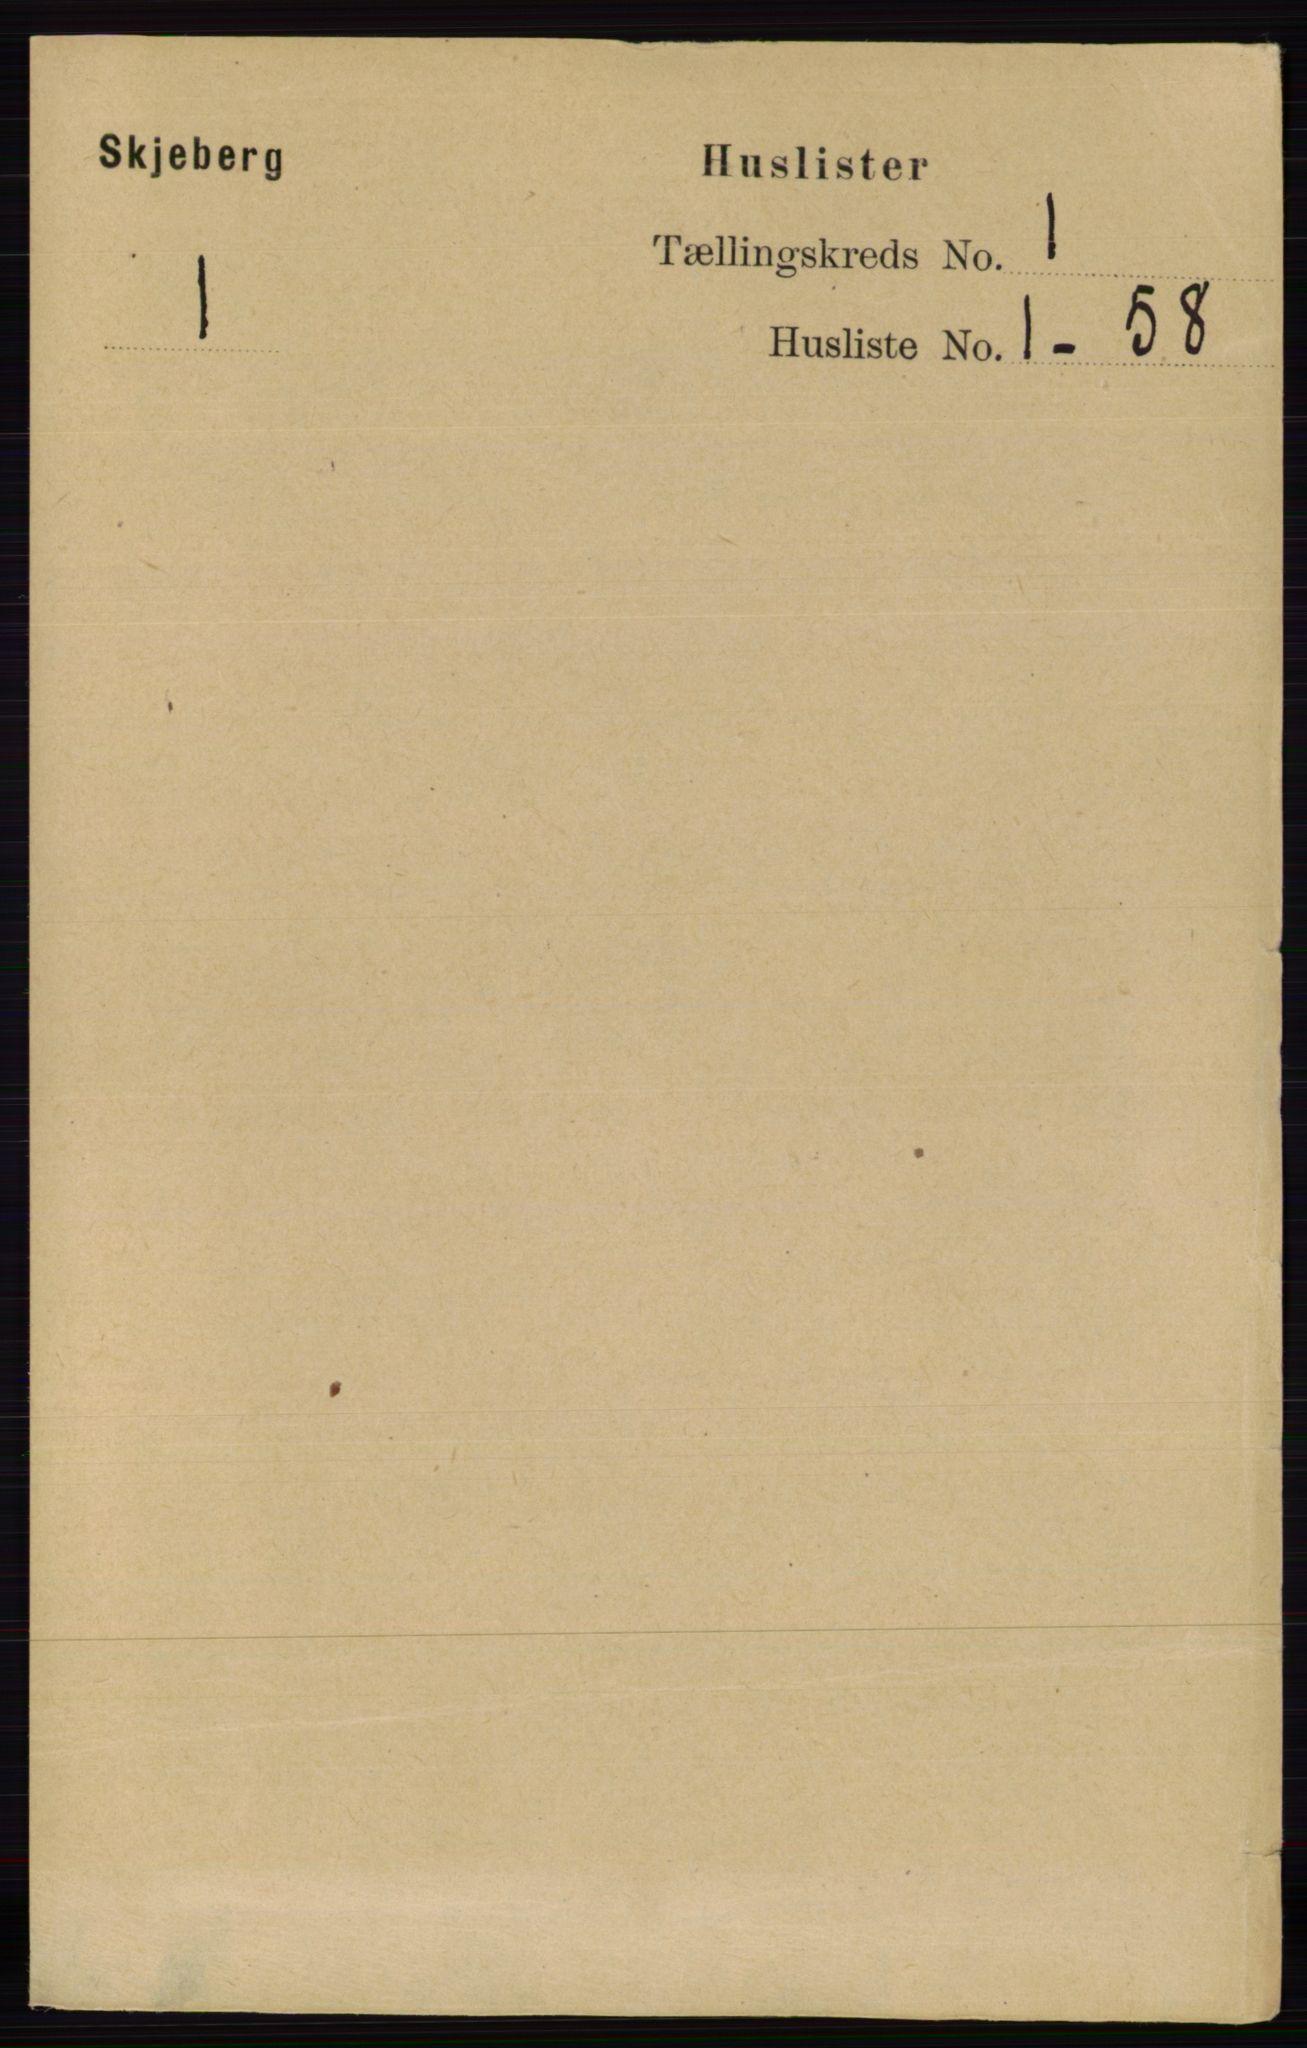 RA, Folketelling 1891 for 0115 Skjeberg herred, 1891, s. 26